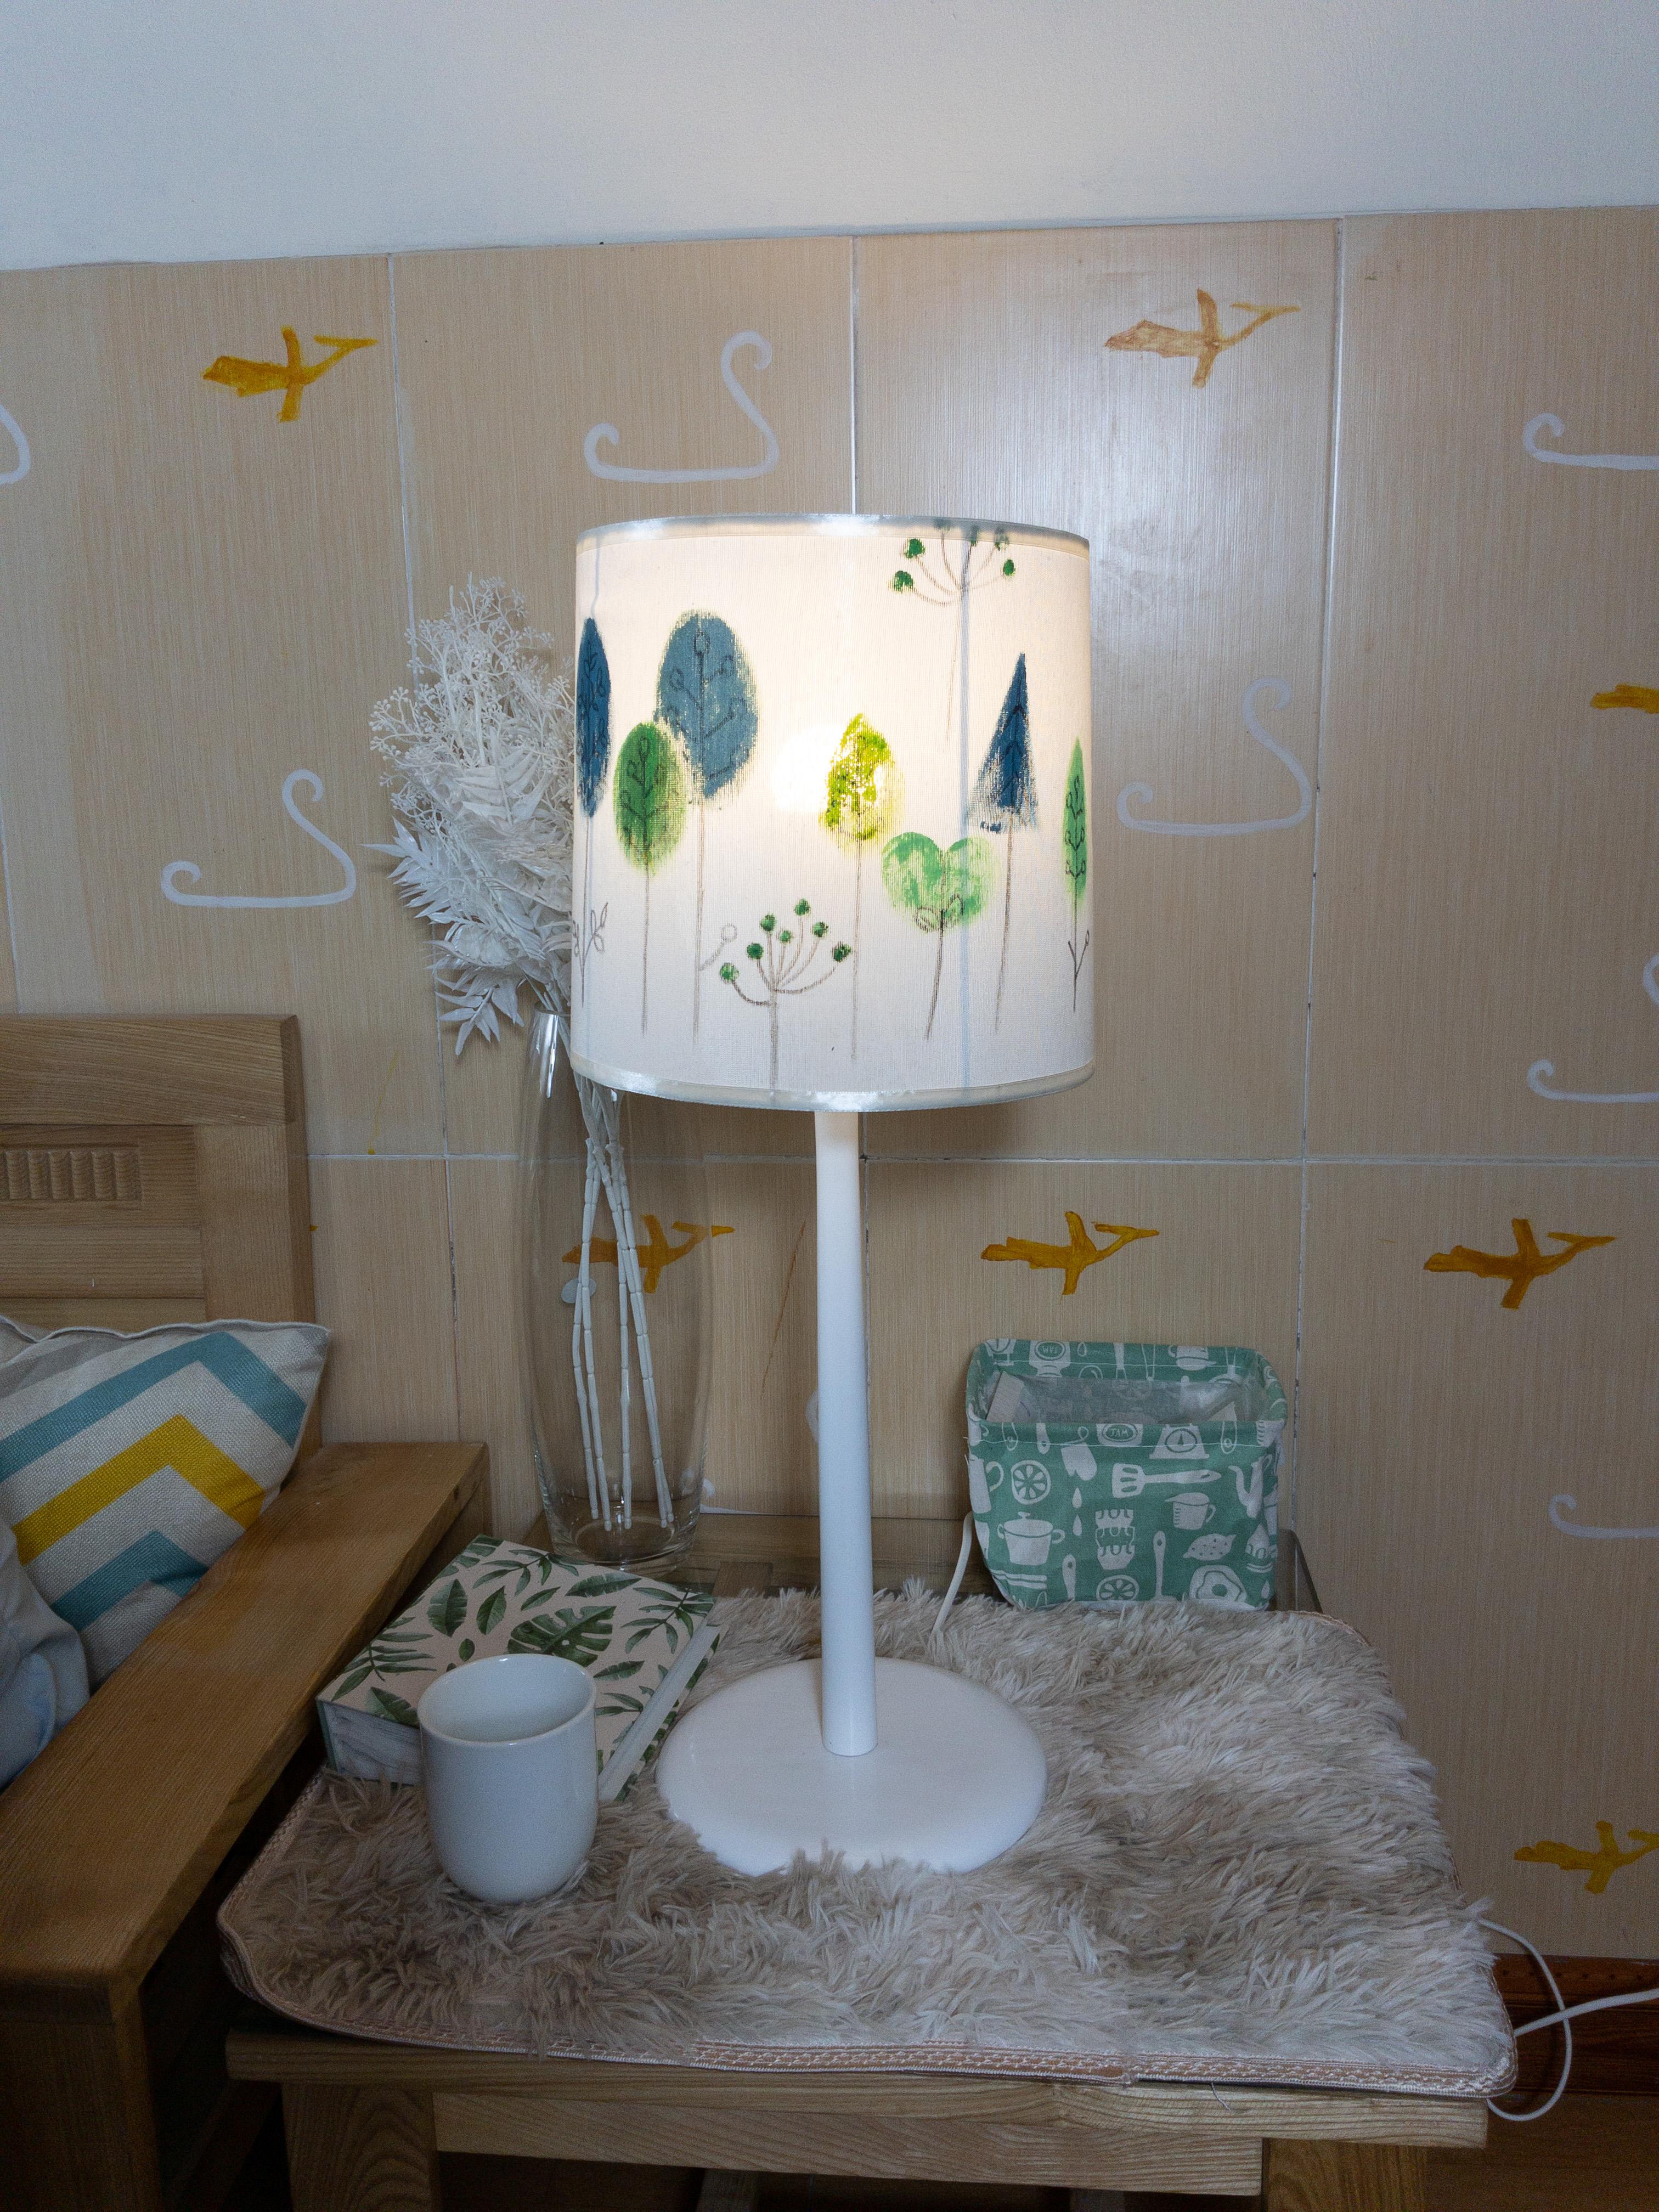 Đèn BÀN gỗ vườn cổ tích- DENTHINHPHAT